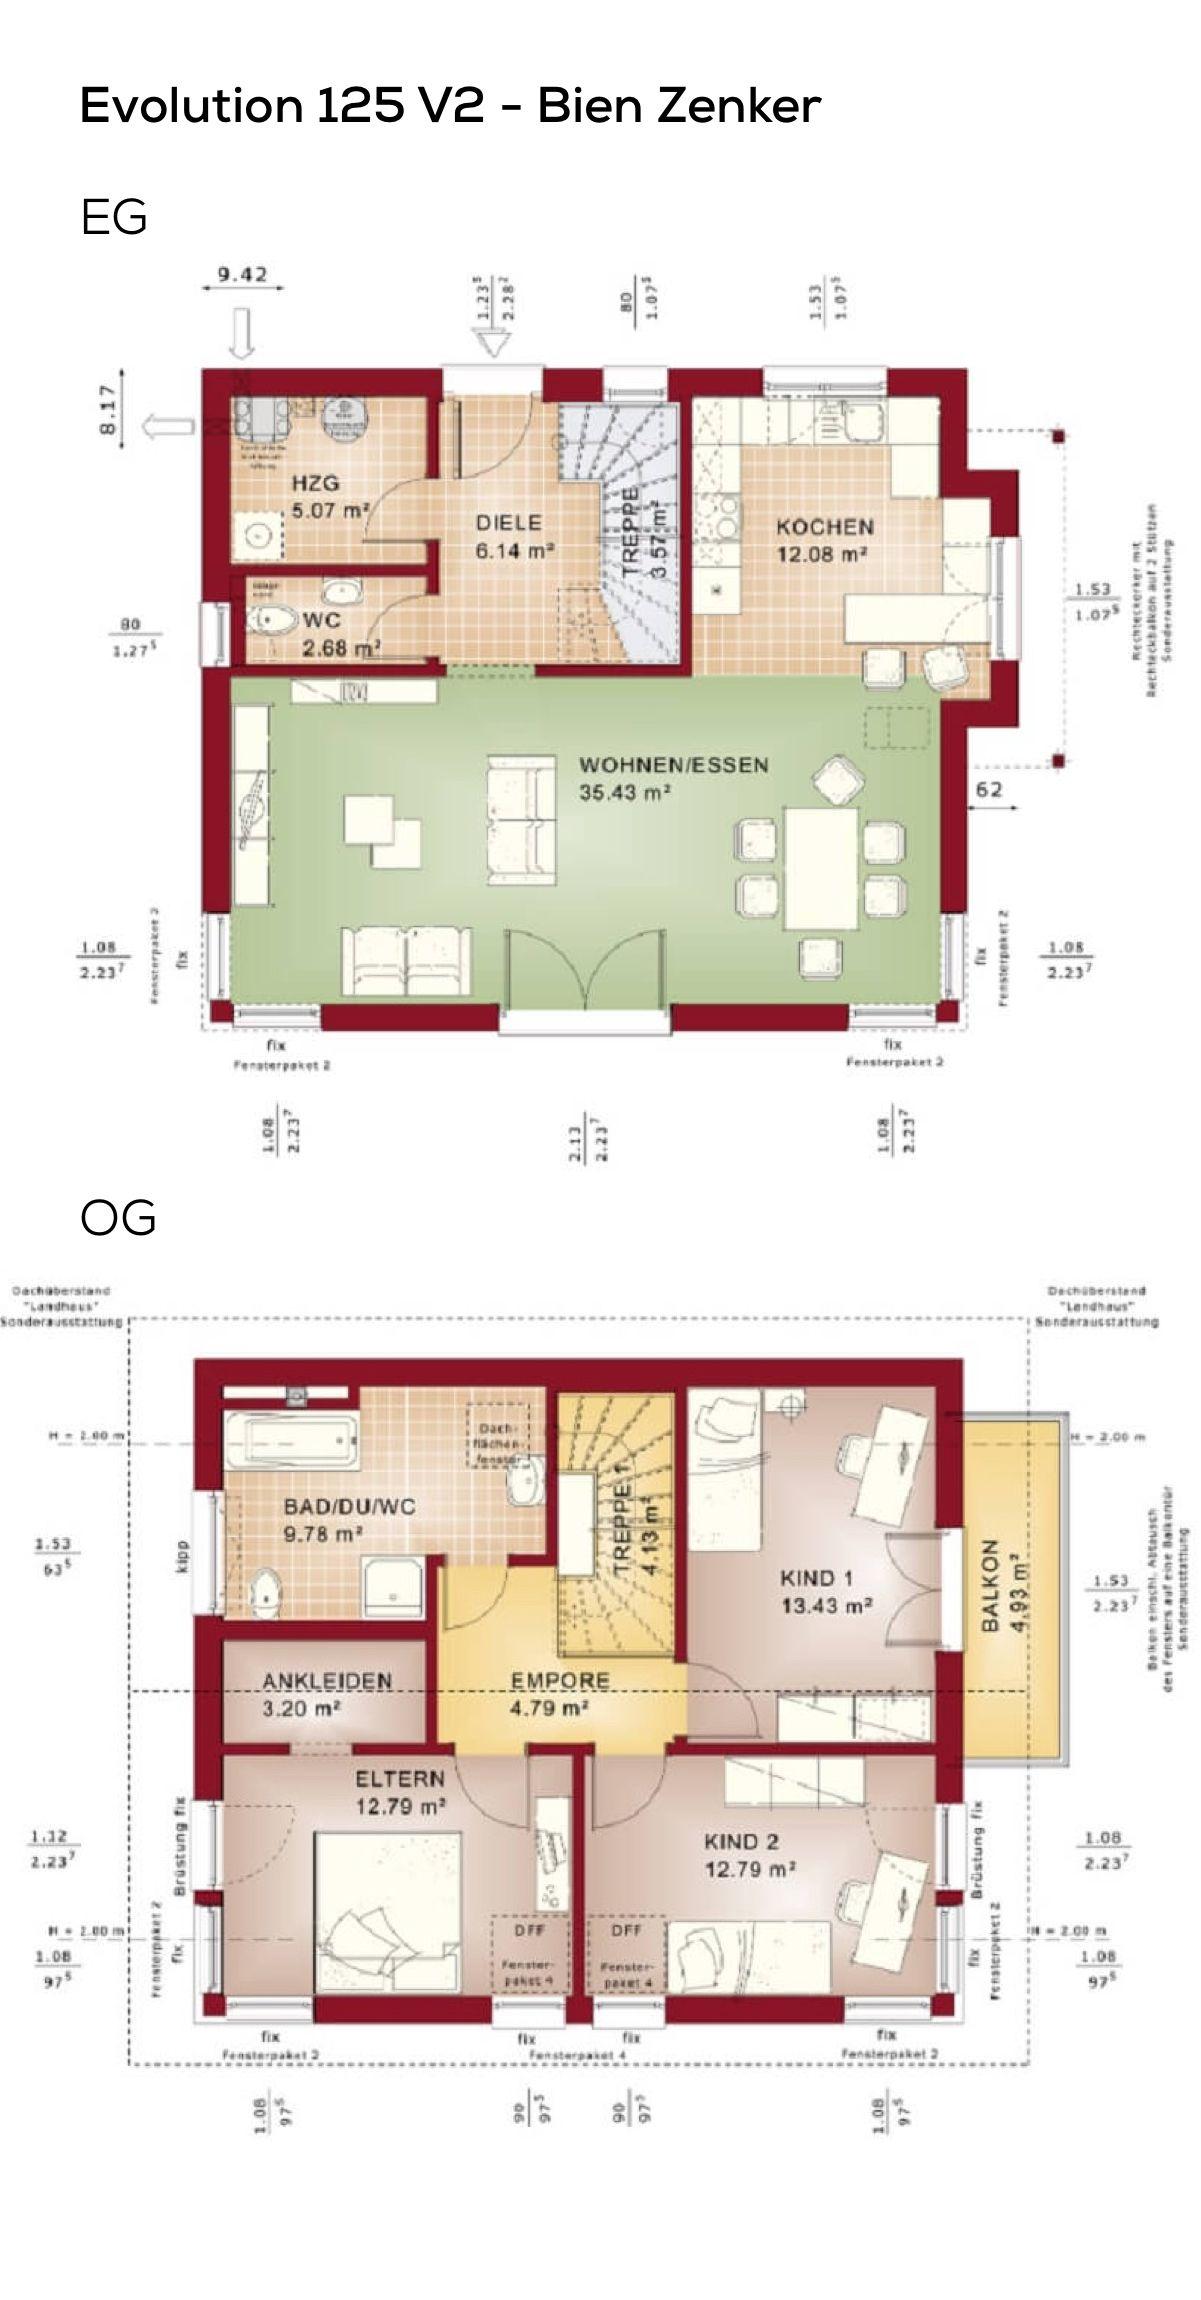 grundriss satteldach haus modern 4 zimmer 124 qm wfl ohne keller fertighaus erdgeschoss. Black Bedroom Furniture Sets. Home Design Ideas